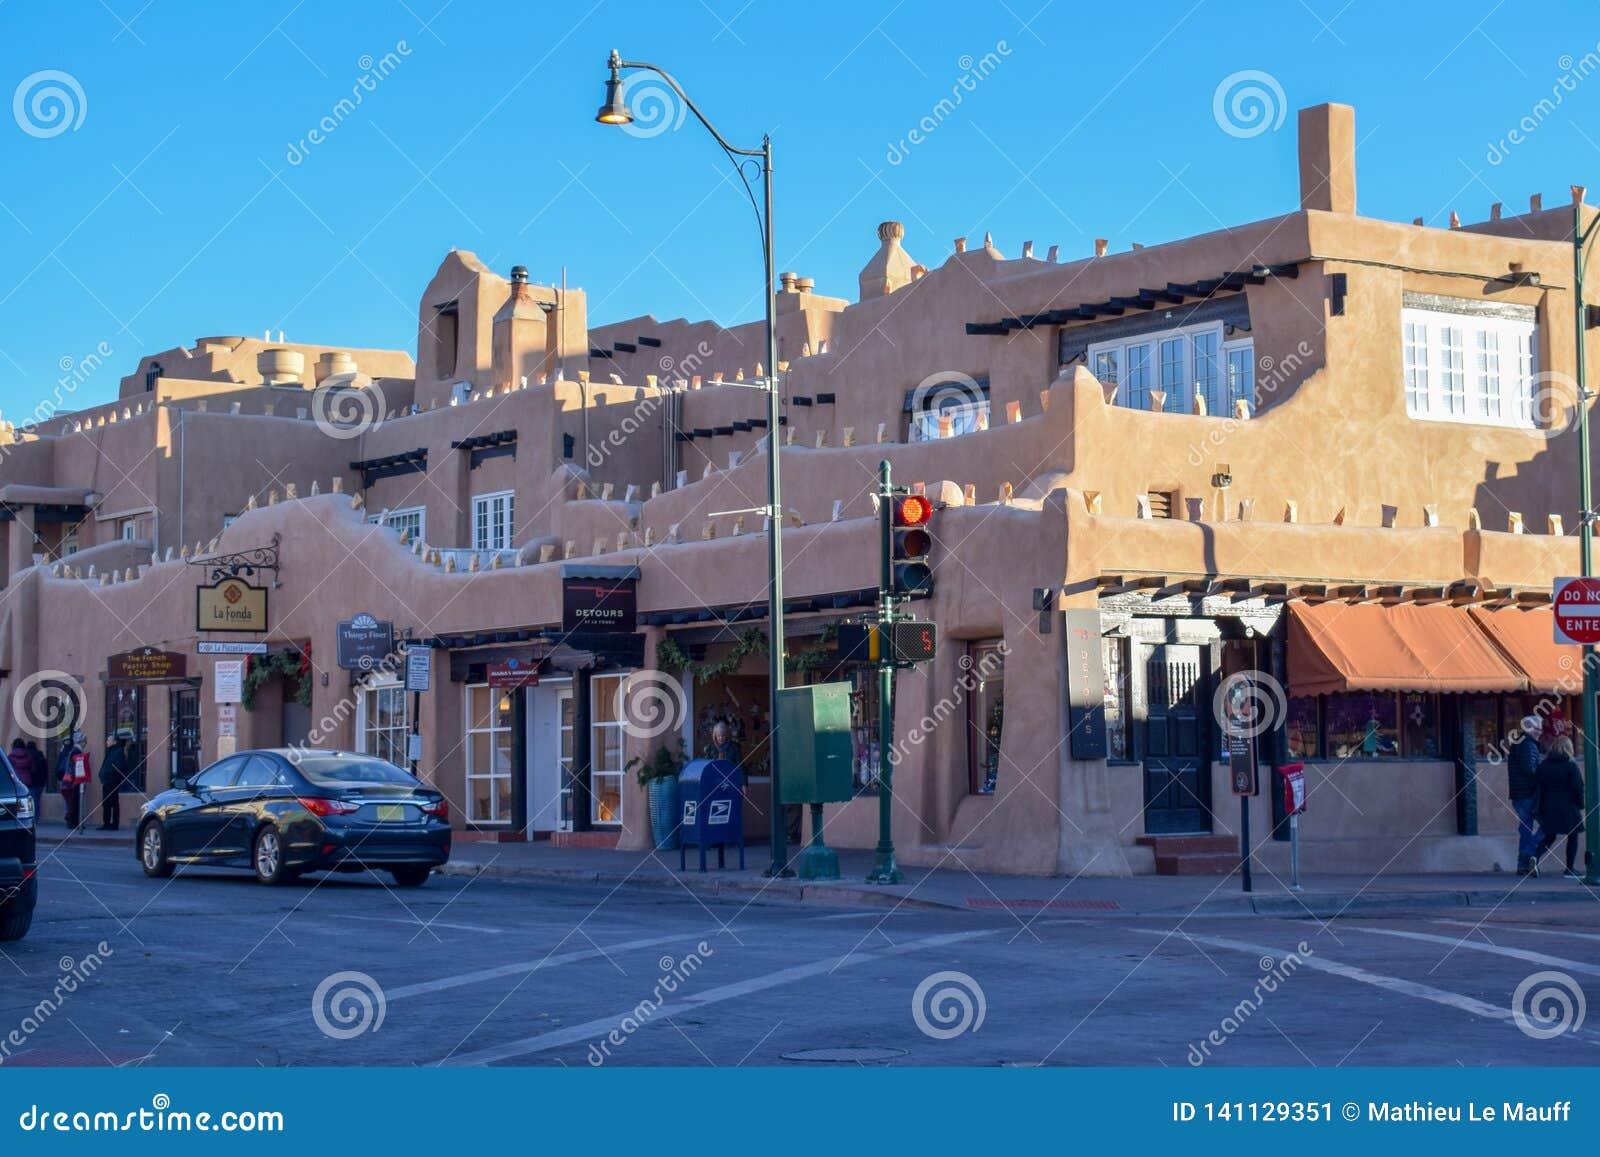 Santa Fe& x27; s Adobe Historyczna architektura w Nowym - Mexico